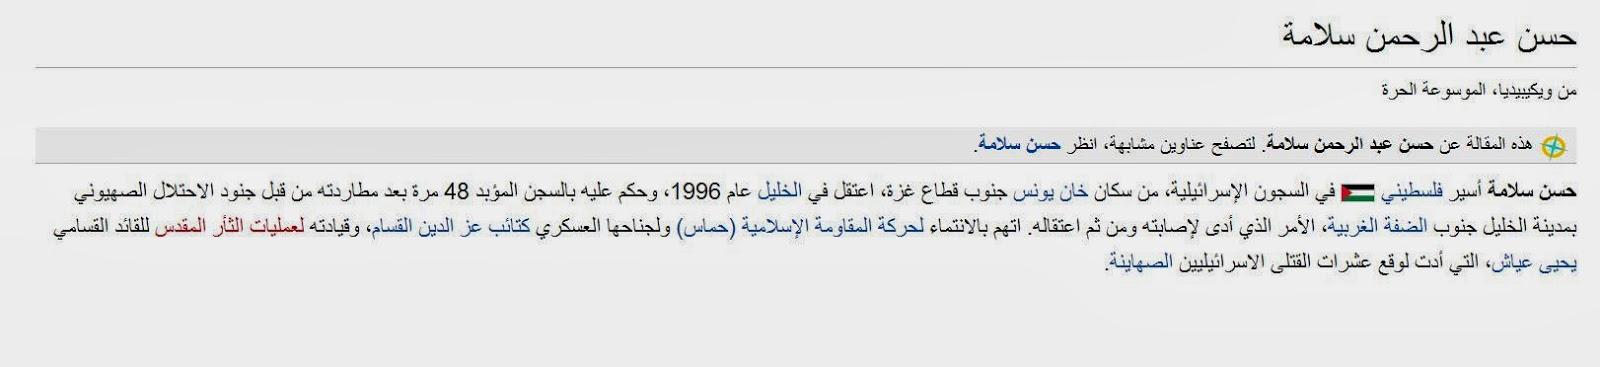 4f2d133ff ... بتنظيم حزب الله) 131- طارق أحمد قرعان السنوسي (هارب – خطيب مسجد ومقيم  بالأقصر)نجد أن رقم 35 هو حسن سلامة ، أحد الأسرى الفلسطينيين في سجون اسرائيل  منذ ...